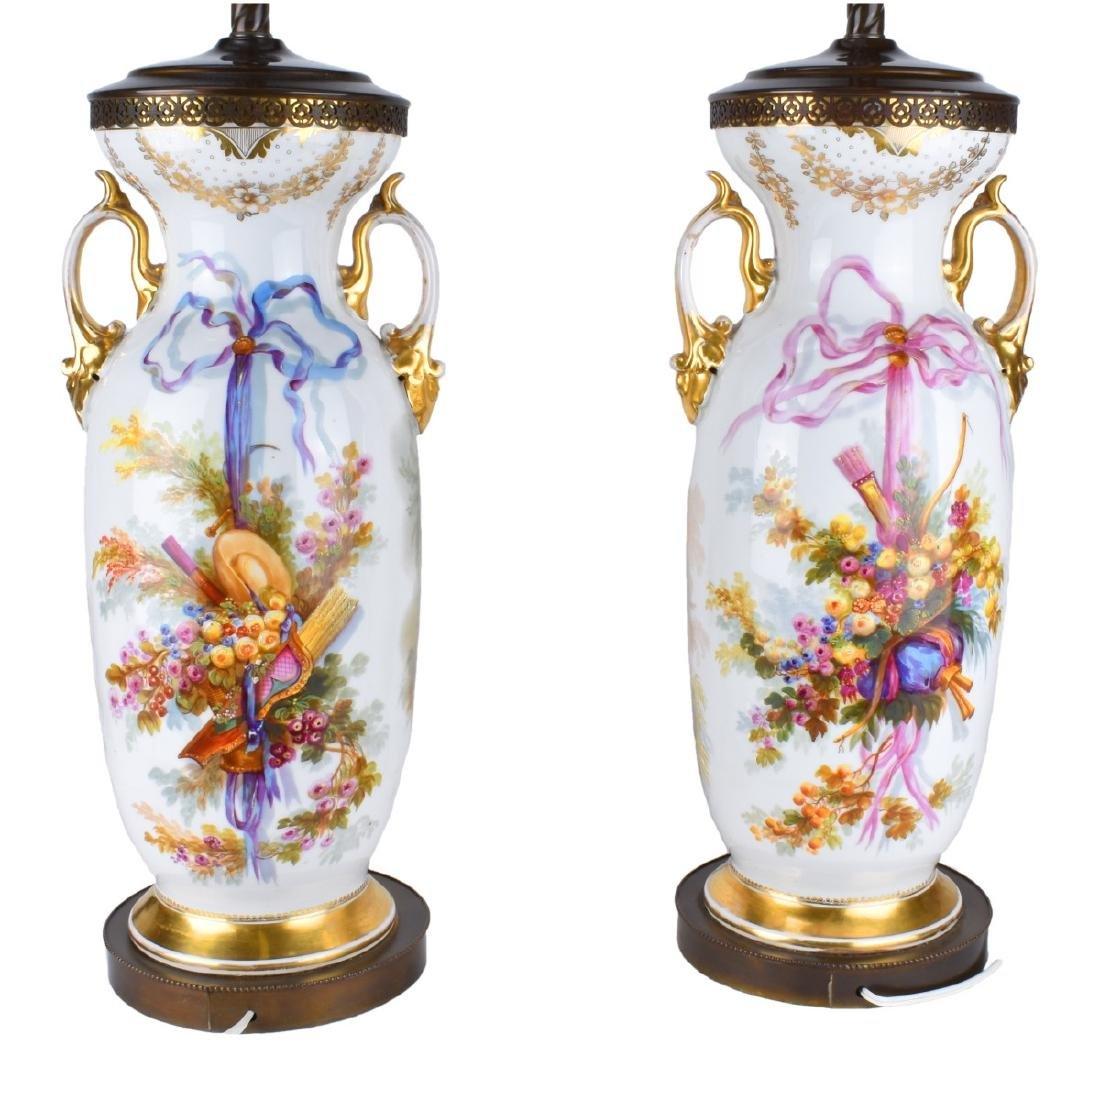 Old Paris Porcelain Vases as Lamps - 2